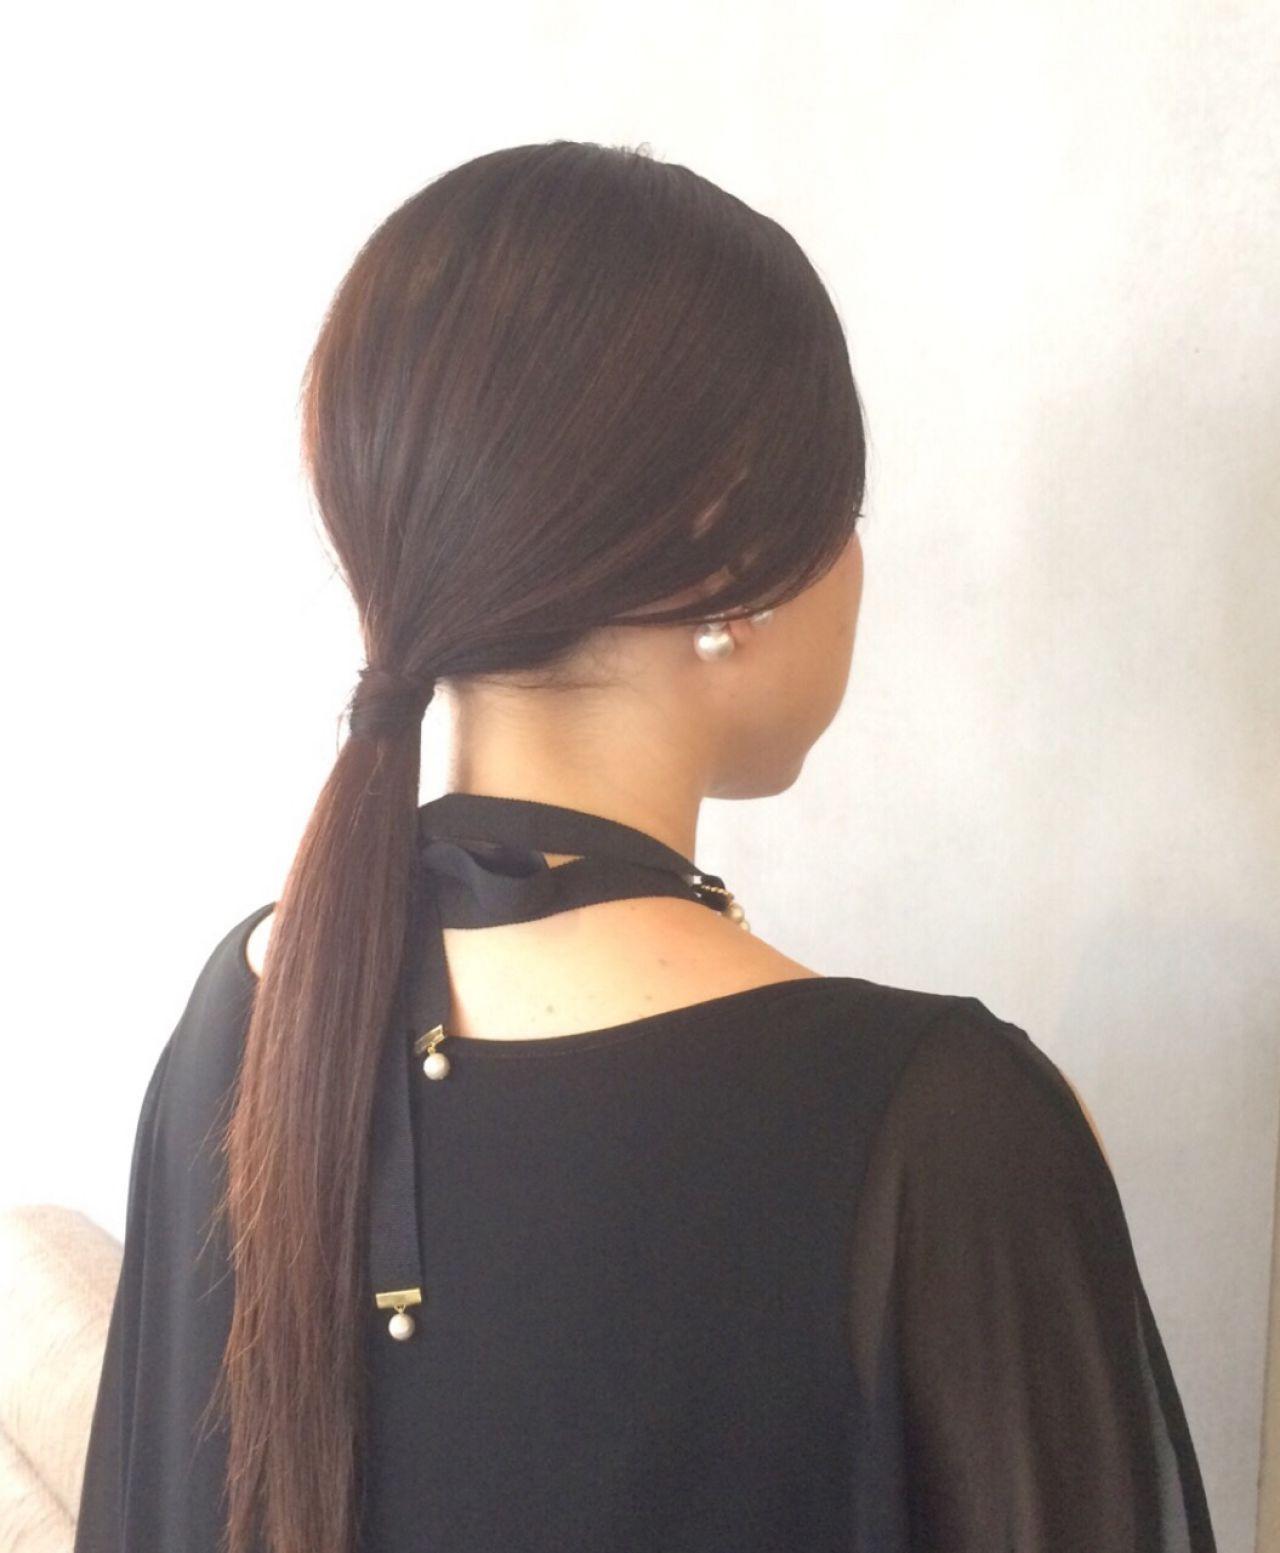 パーティ ポニーテール ロング モード ヘアスタイルや髪型の写真・画像